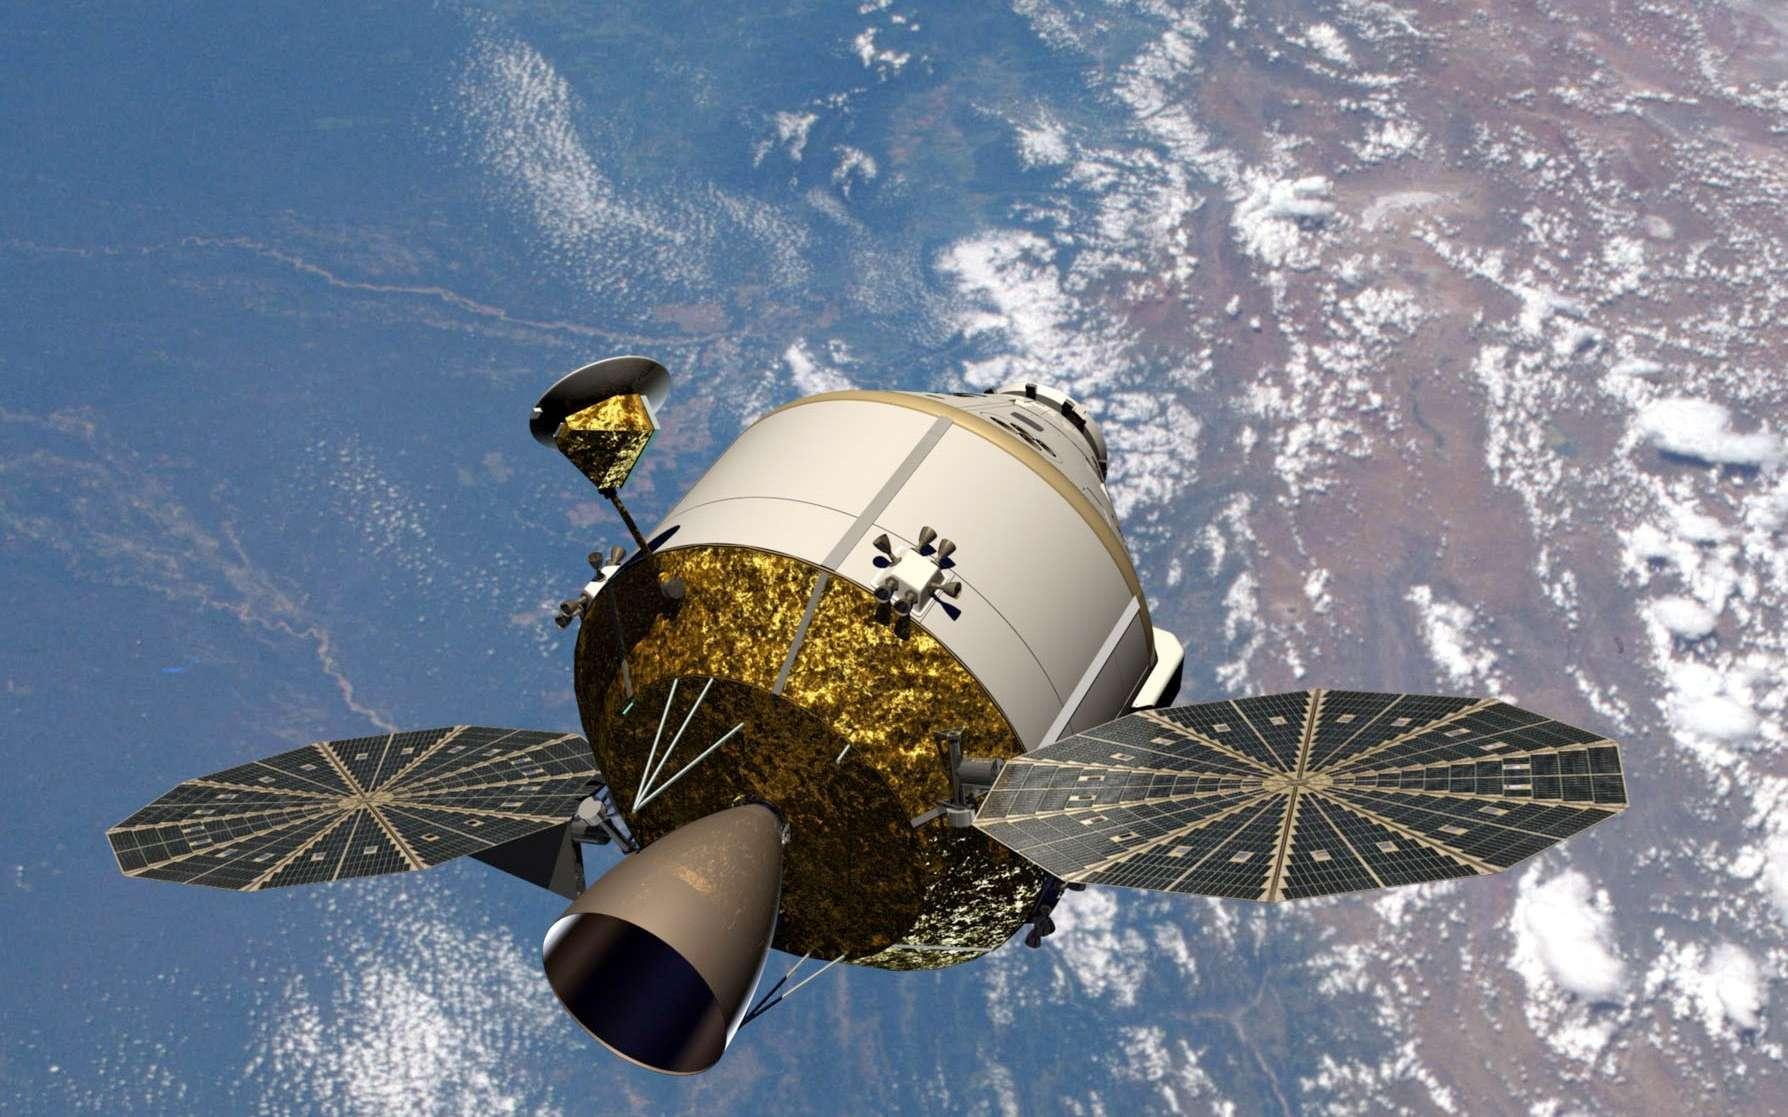 Lockheed Martin veut effectuer un vol d'essai de sa capsule Orion en 2013 en vue d'un second qui serait une mission habitée. © Lockheed Martin